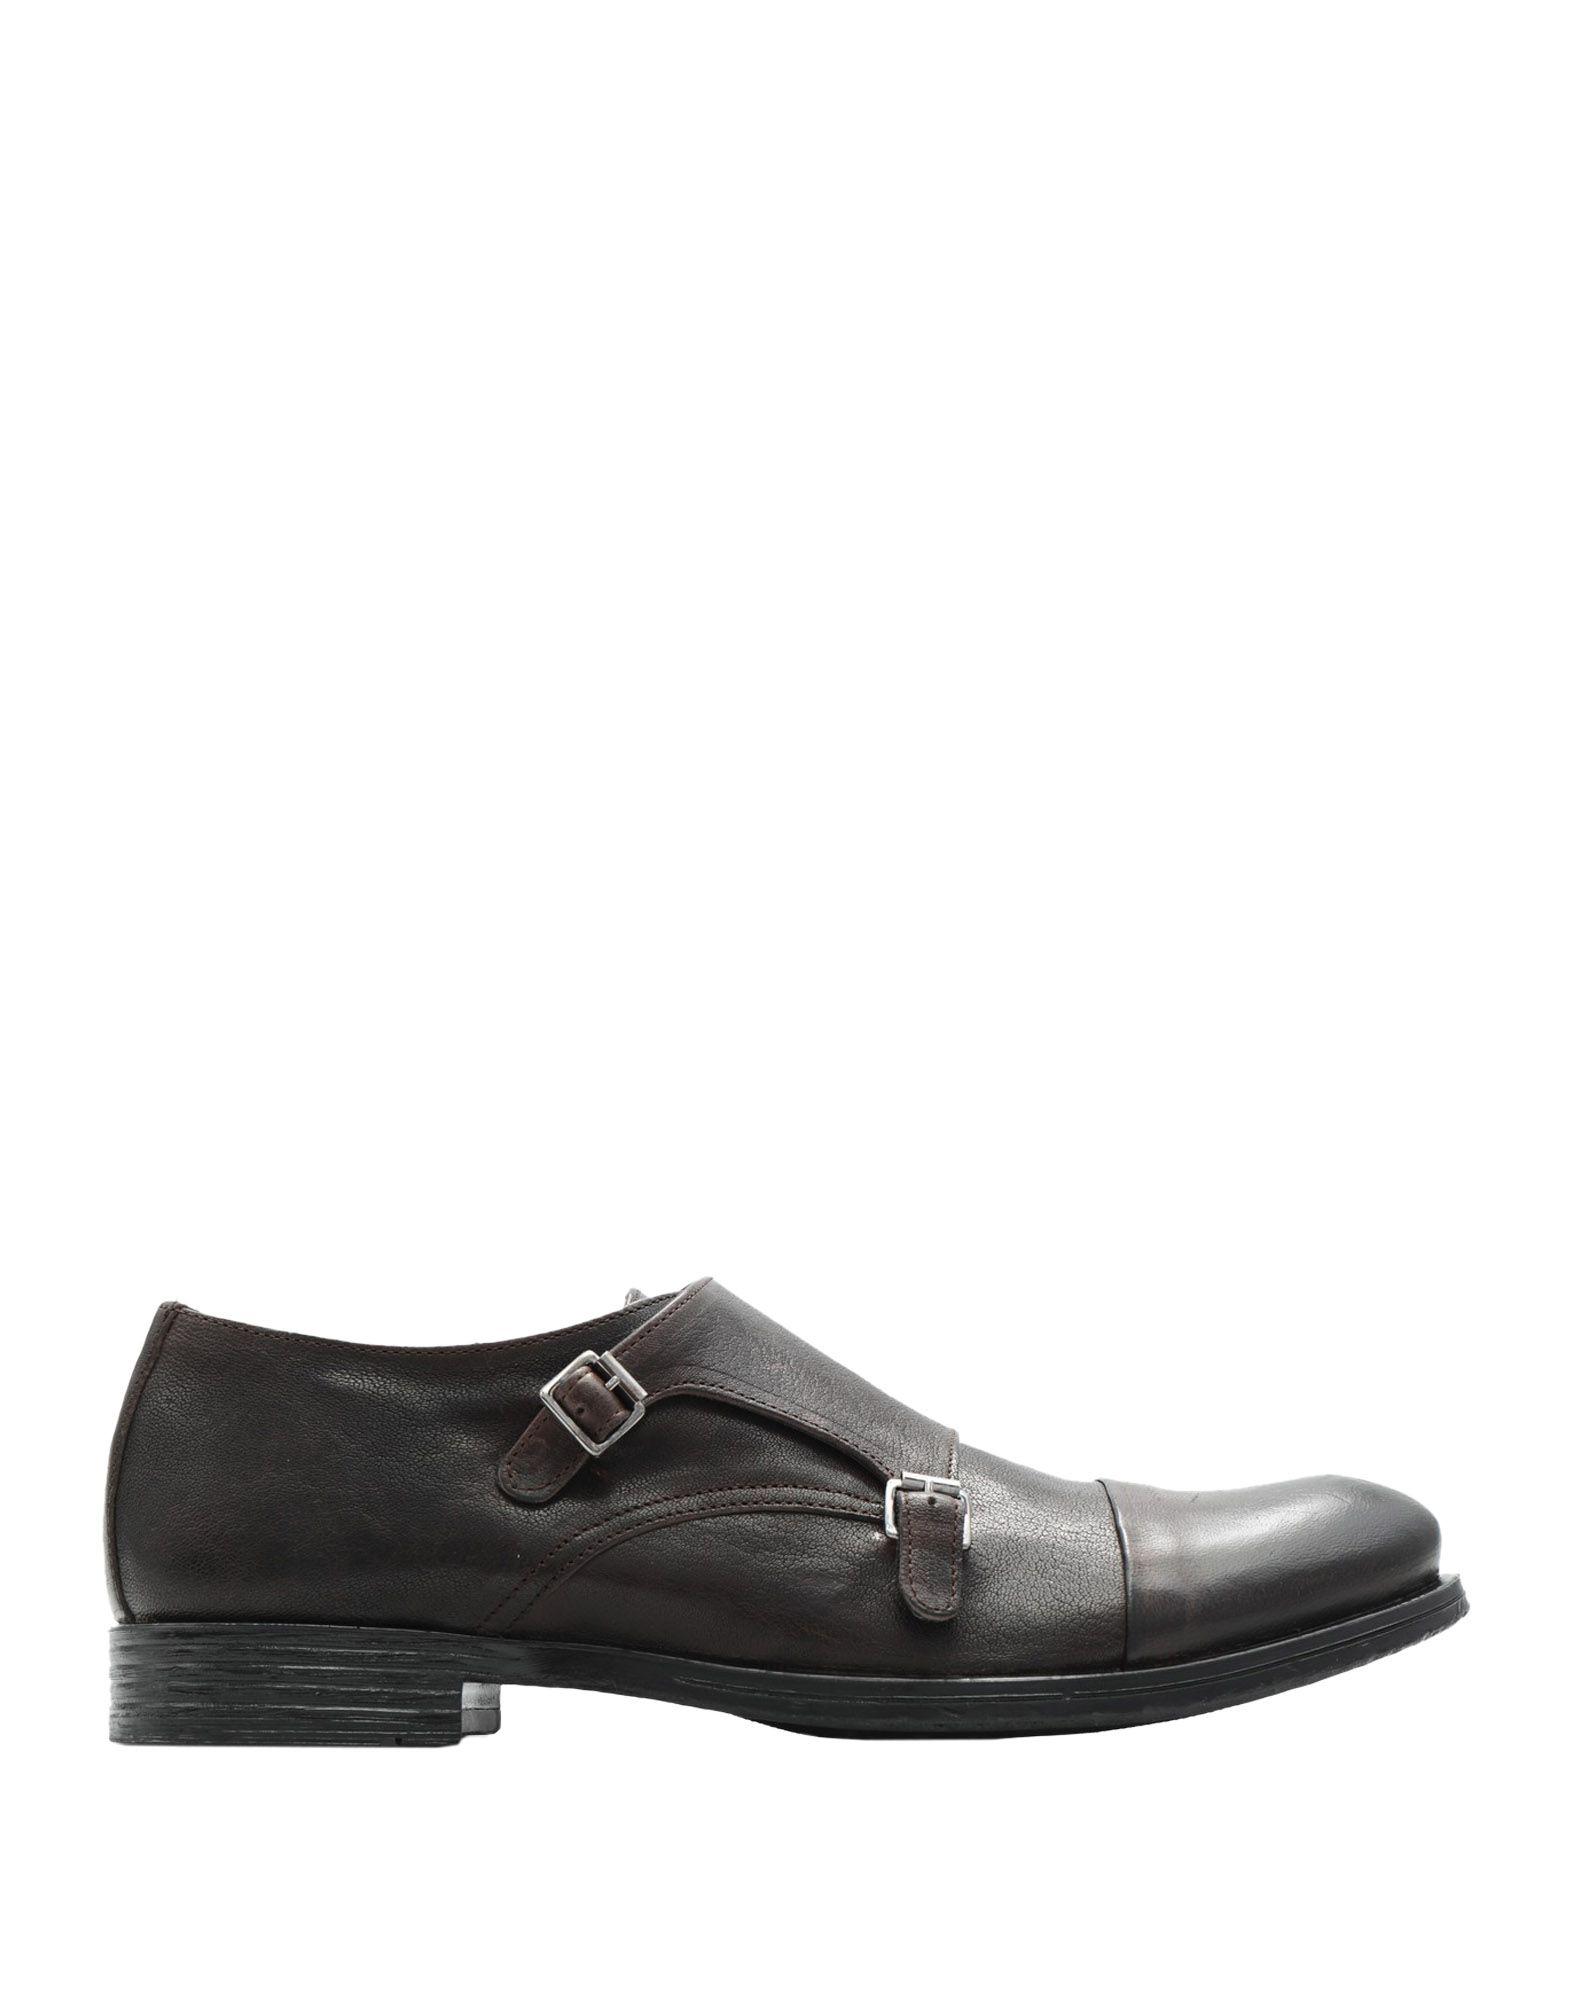 Pawelk's Mokassins Herren  11524567LS Gute Qualität beliebte Schuhe